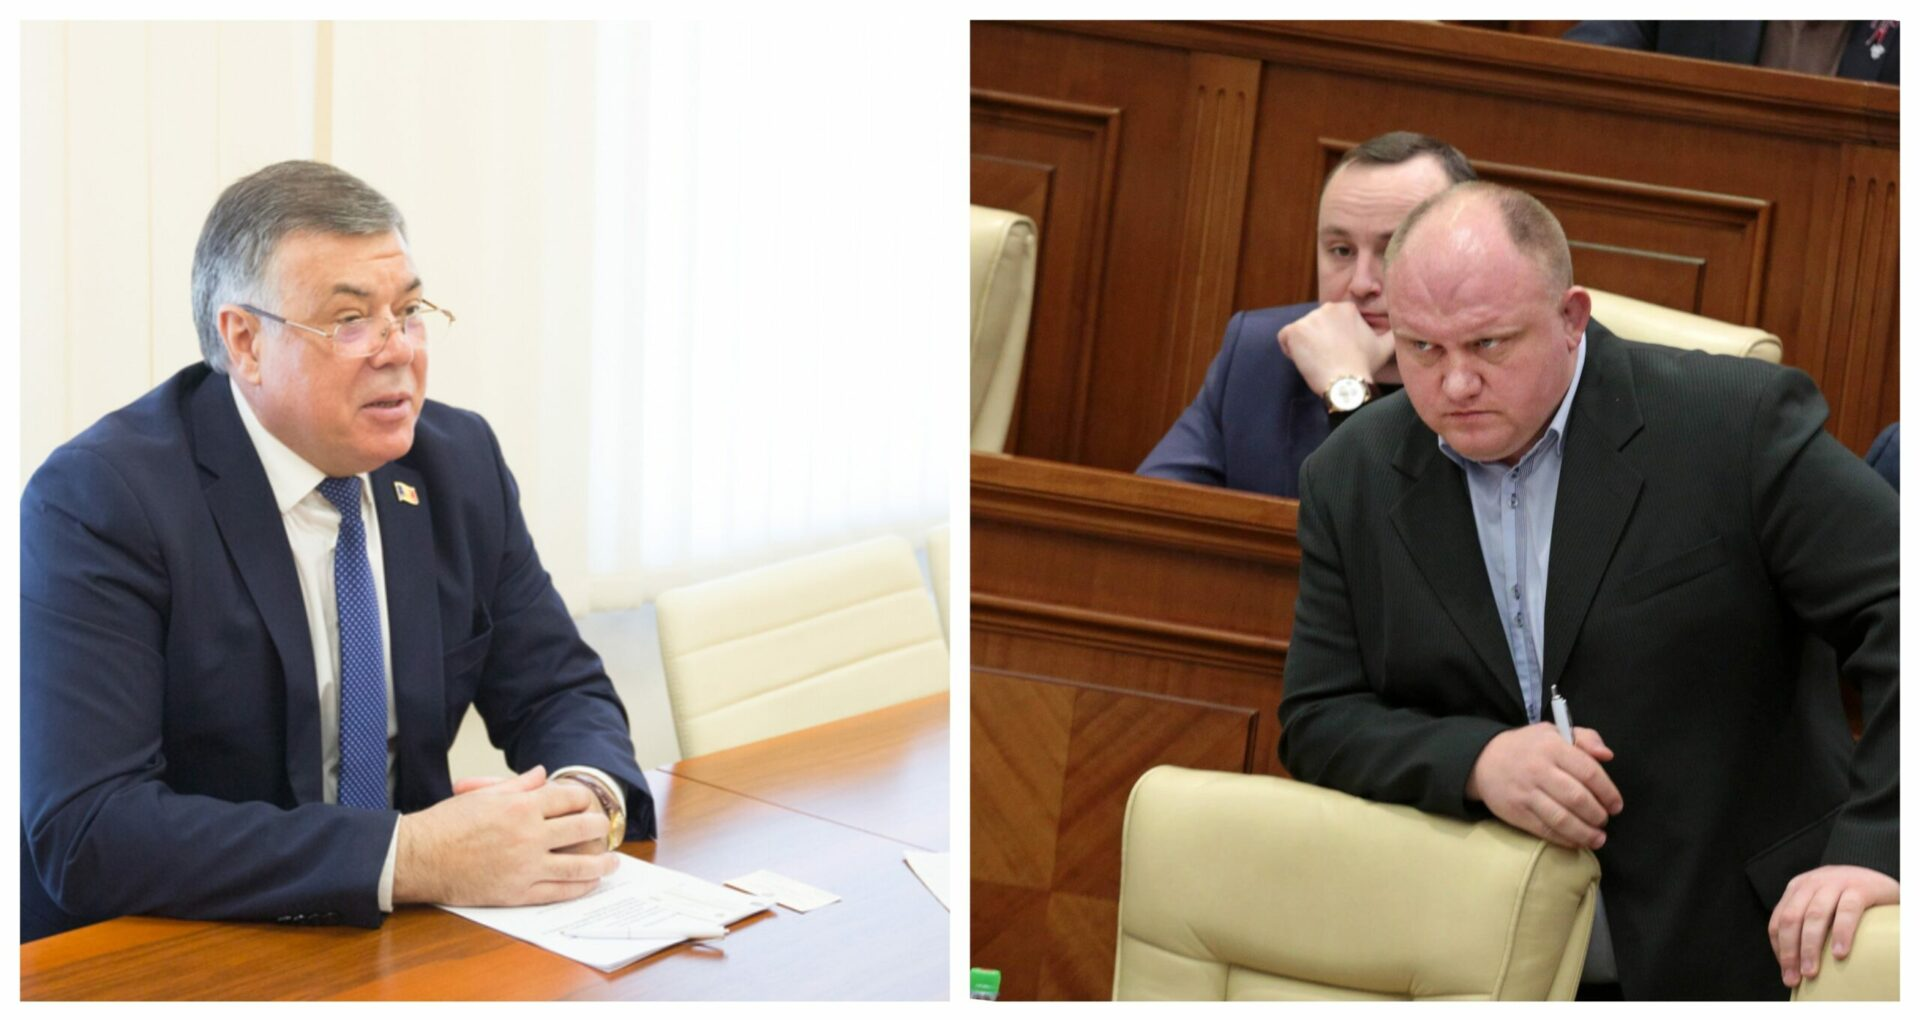 """Bolea îl acuză pe Reniță de """"minciuni și manipulare"""" și anunță că va depune o interpelare la PG. Reacția deputatului Platformei DA"""